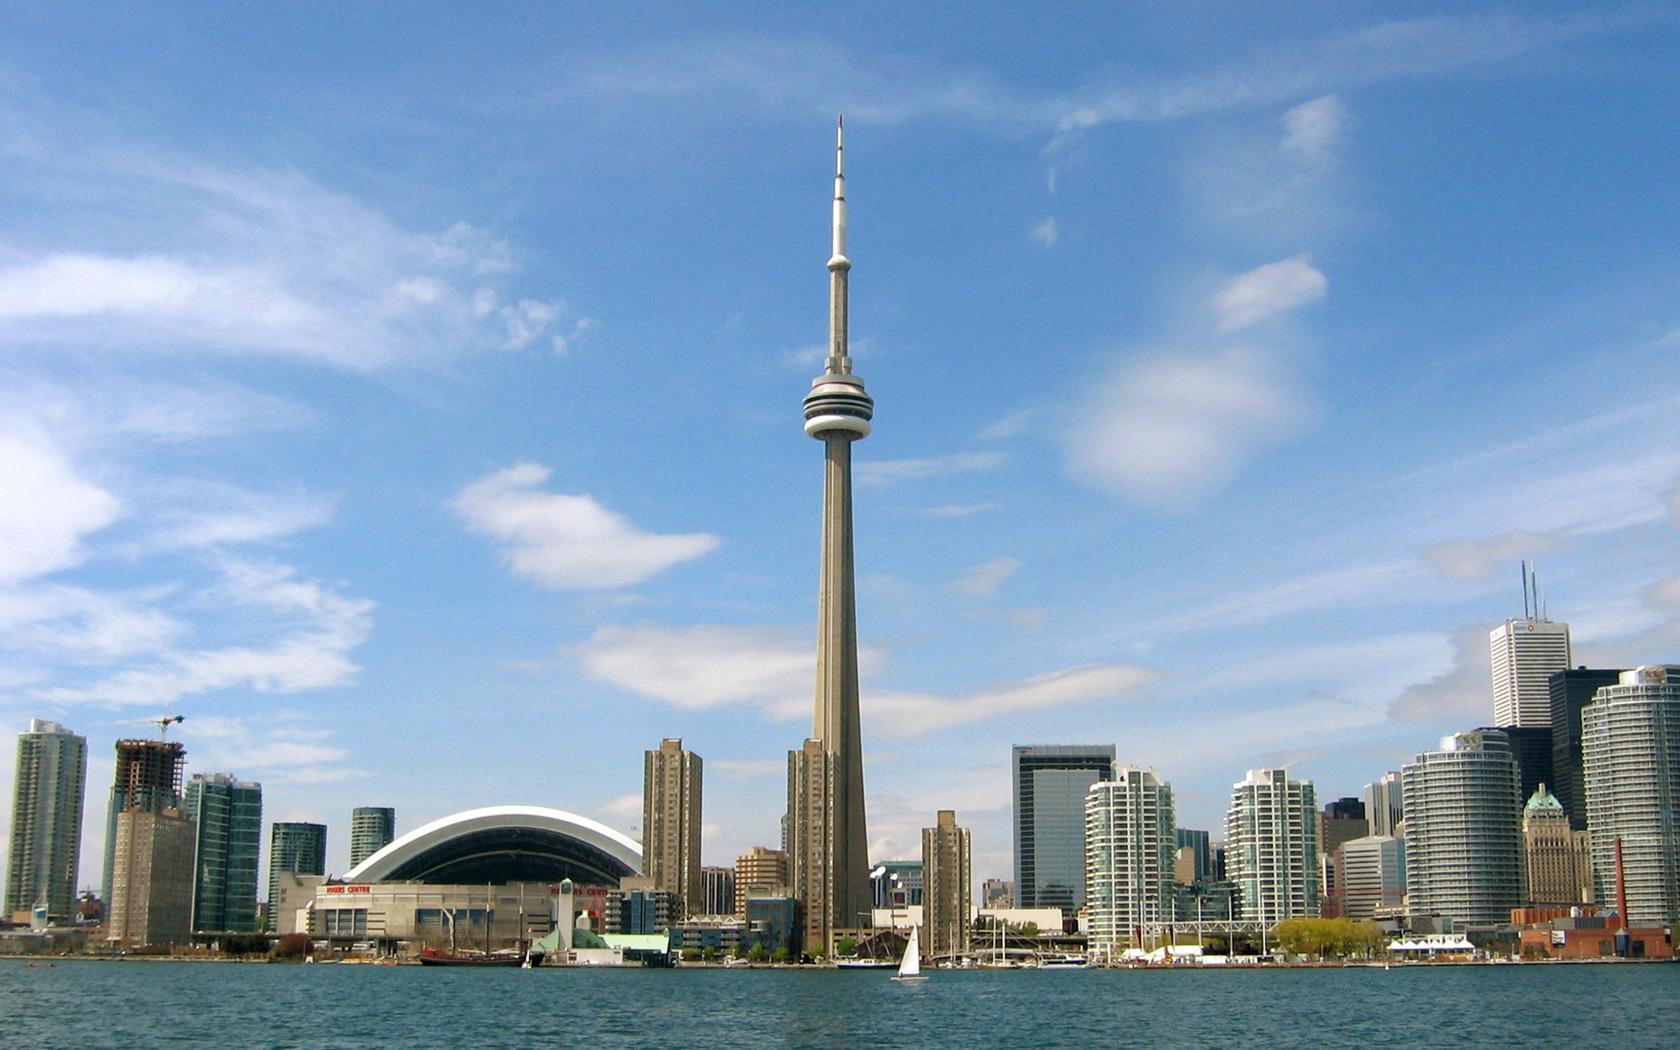 Sự kiện Du học Canada – Test IELTS và chuẩn bị hồ sơ đợt cuối Chương trình Visa ưu tiên CES